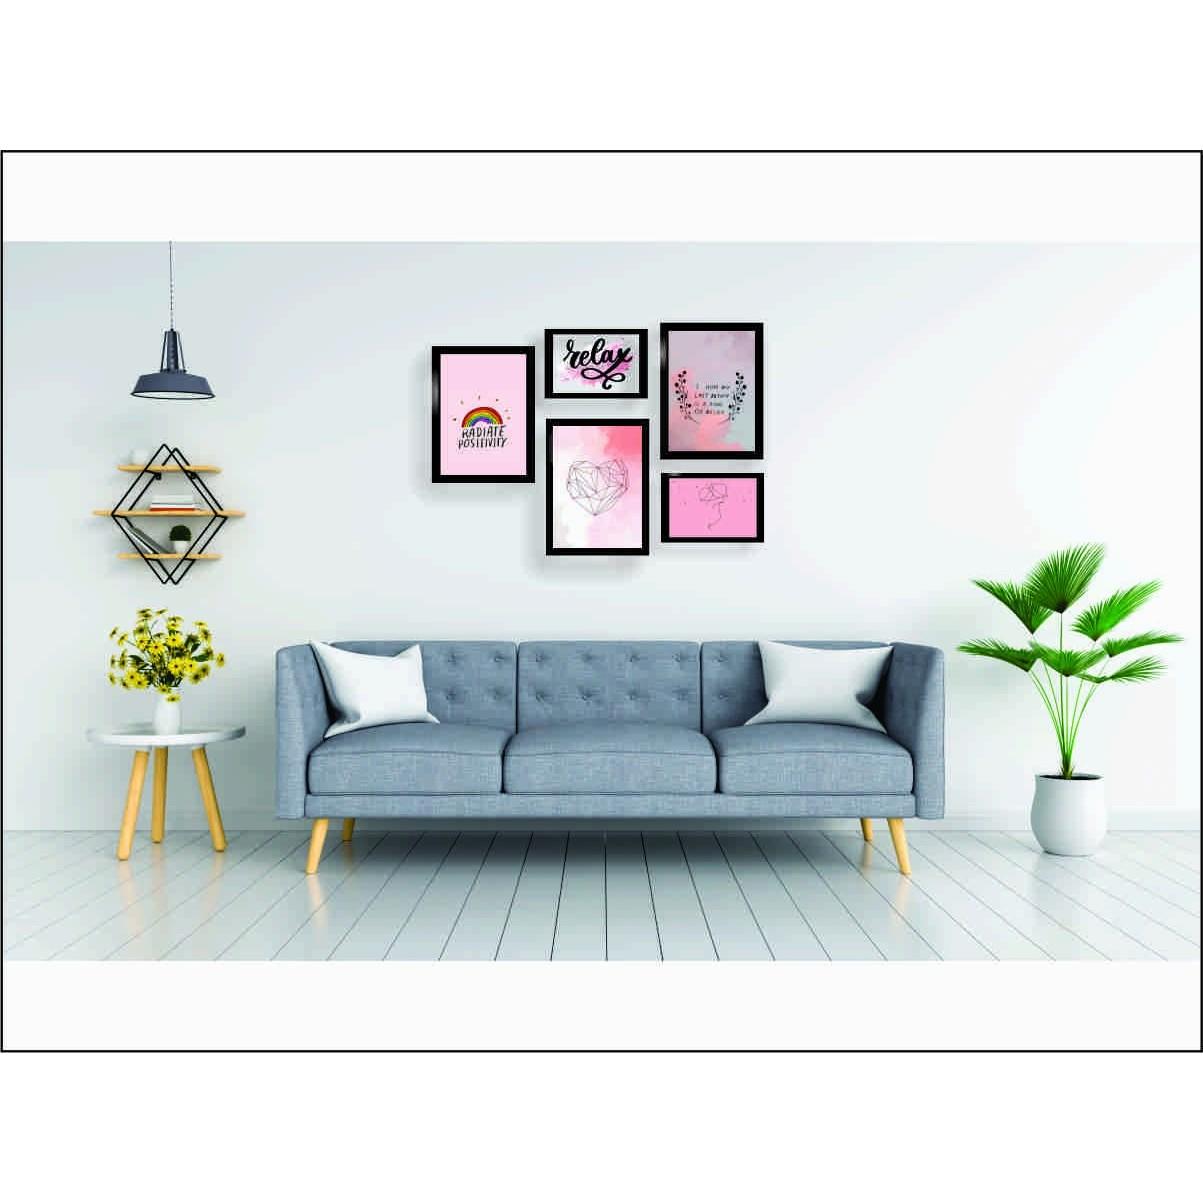 Kit 5 Quadros Decorativos - Relex | Hope | Love Com Moldura - 100x70cm